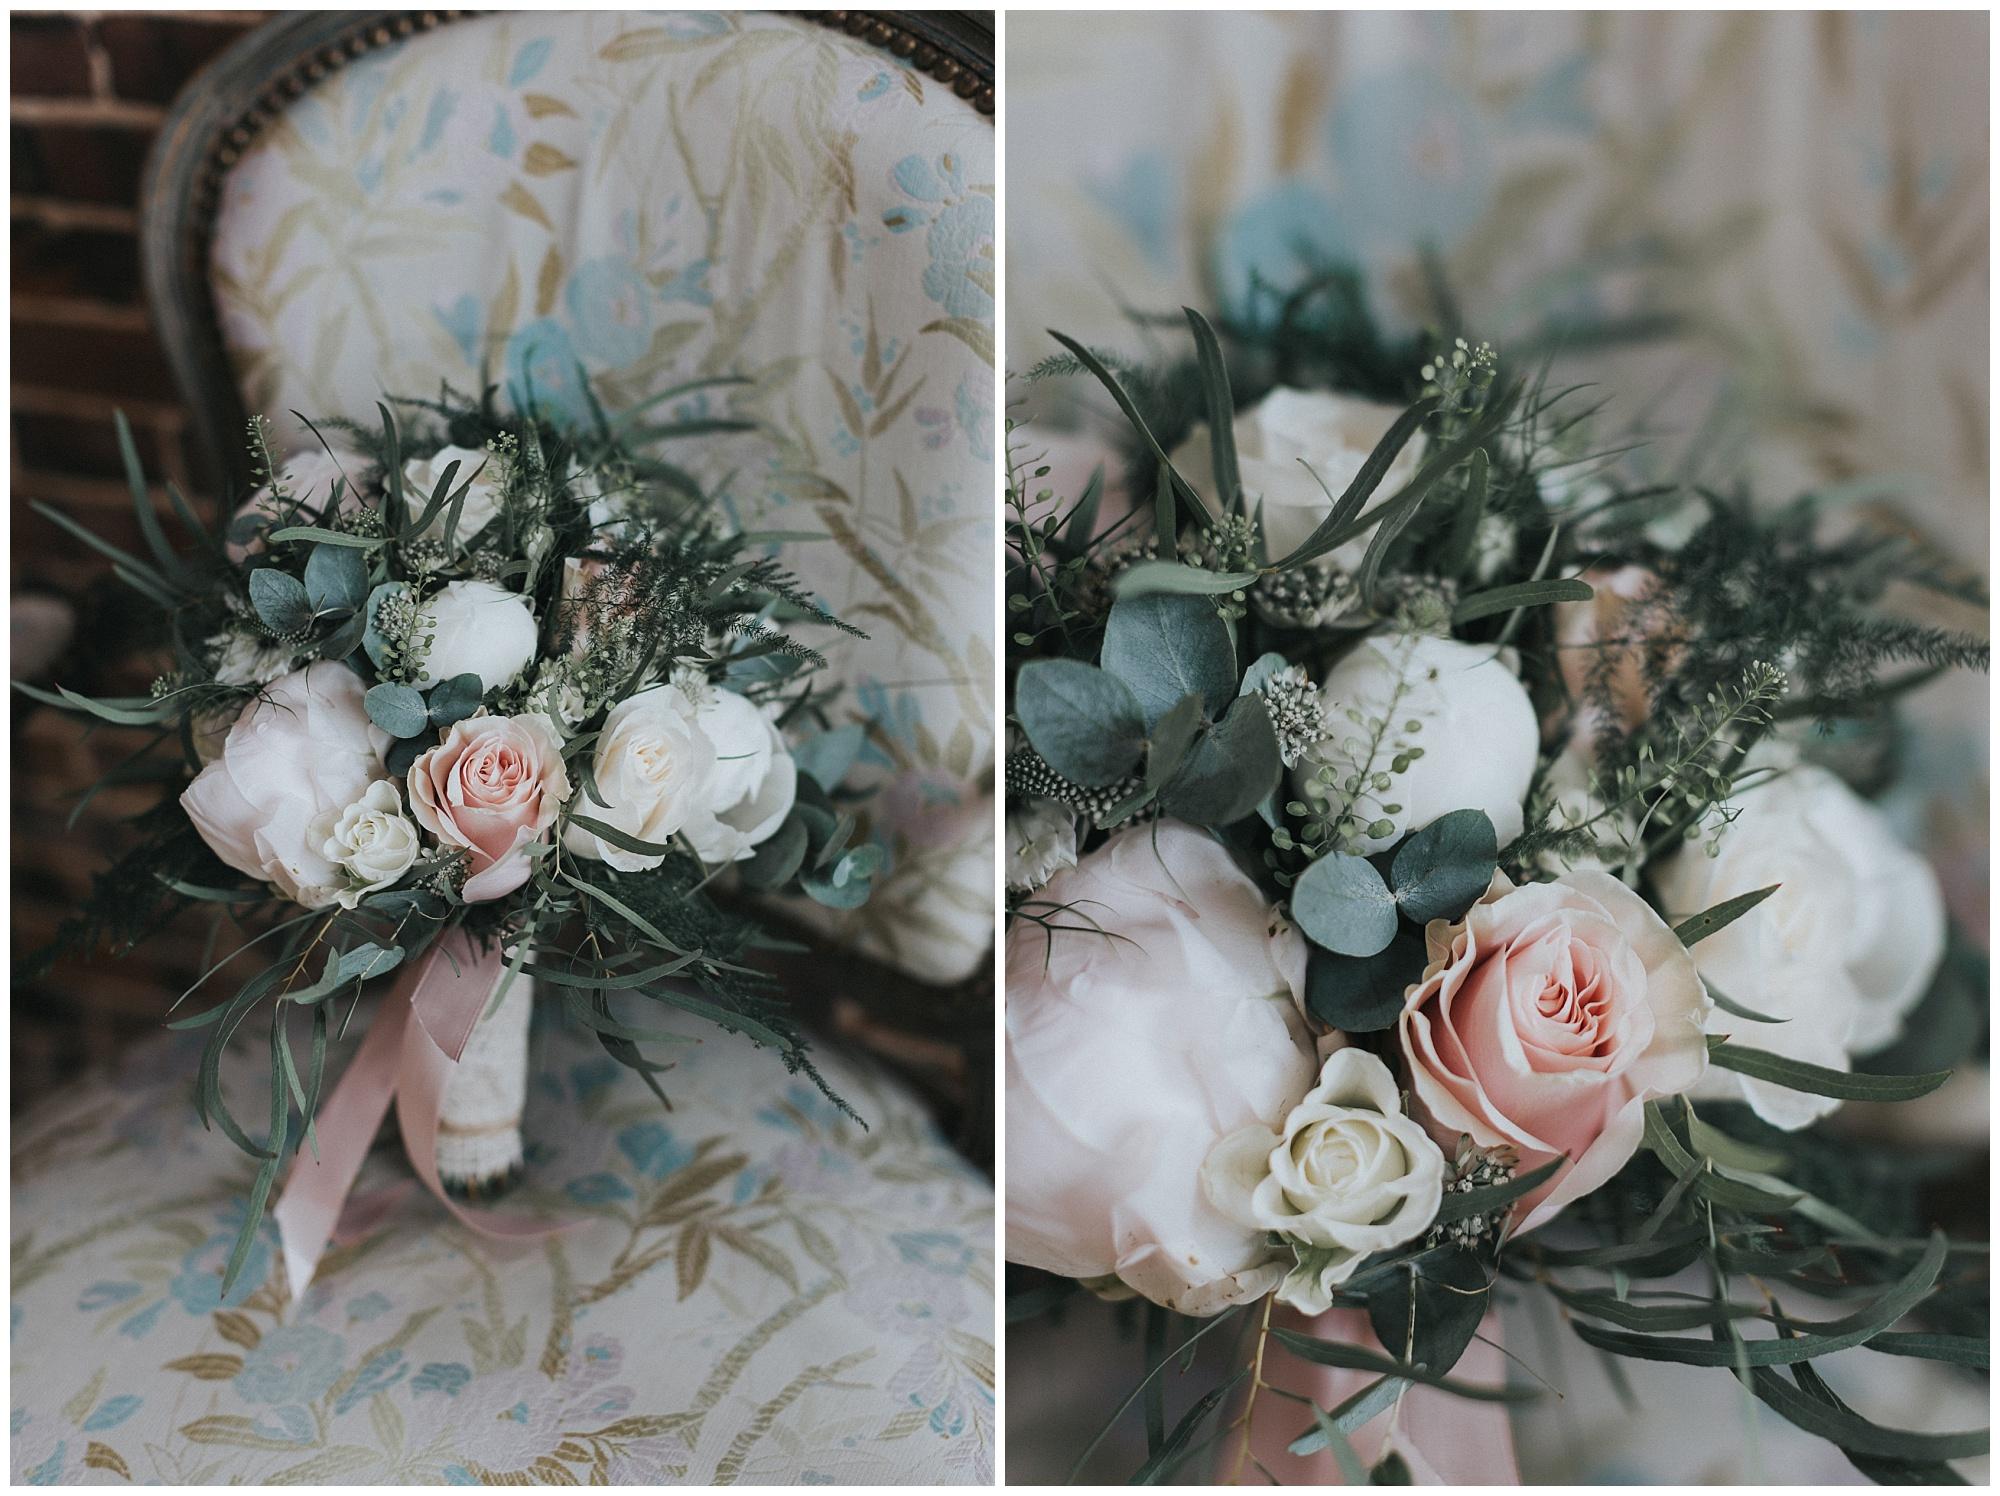 Kateryna-photos-photographer-reims-domaine-des-evis-mariage-bouquet-de-roses